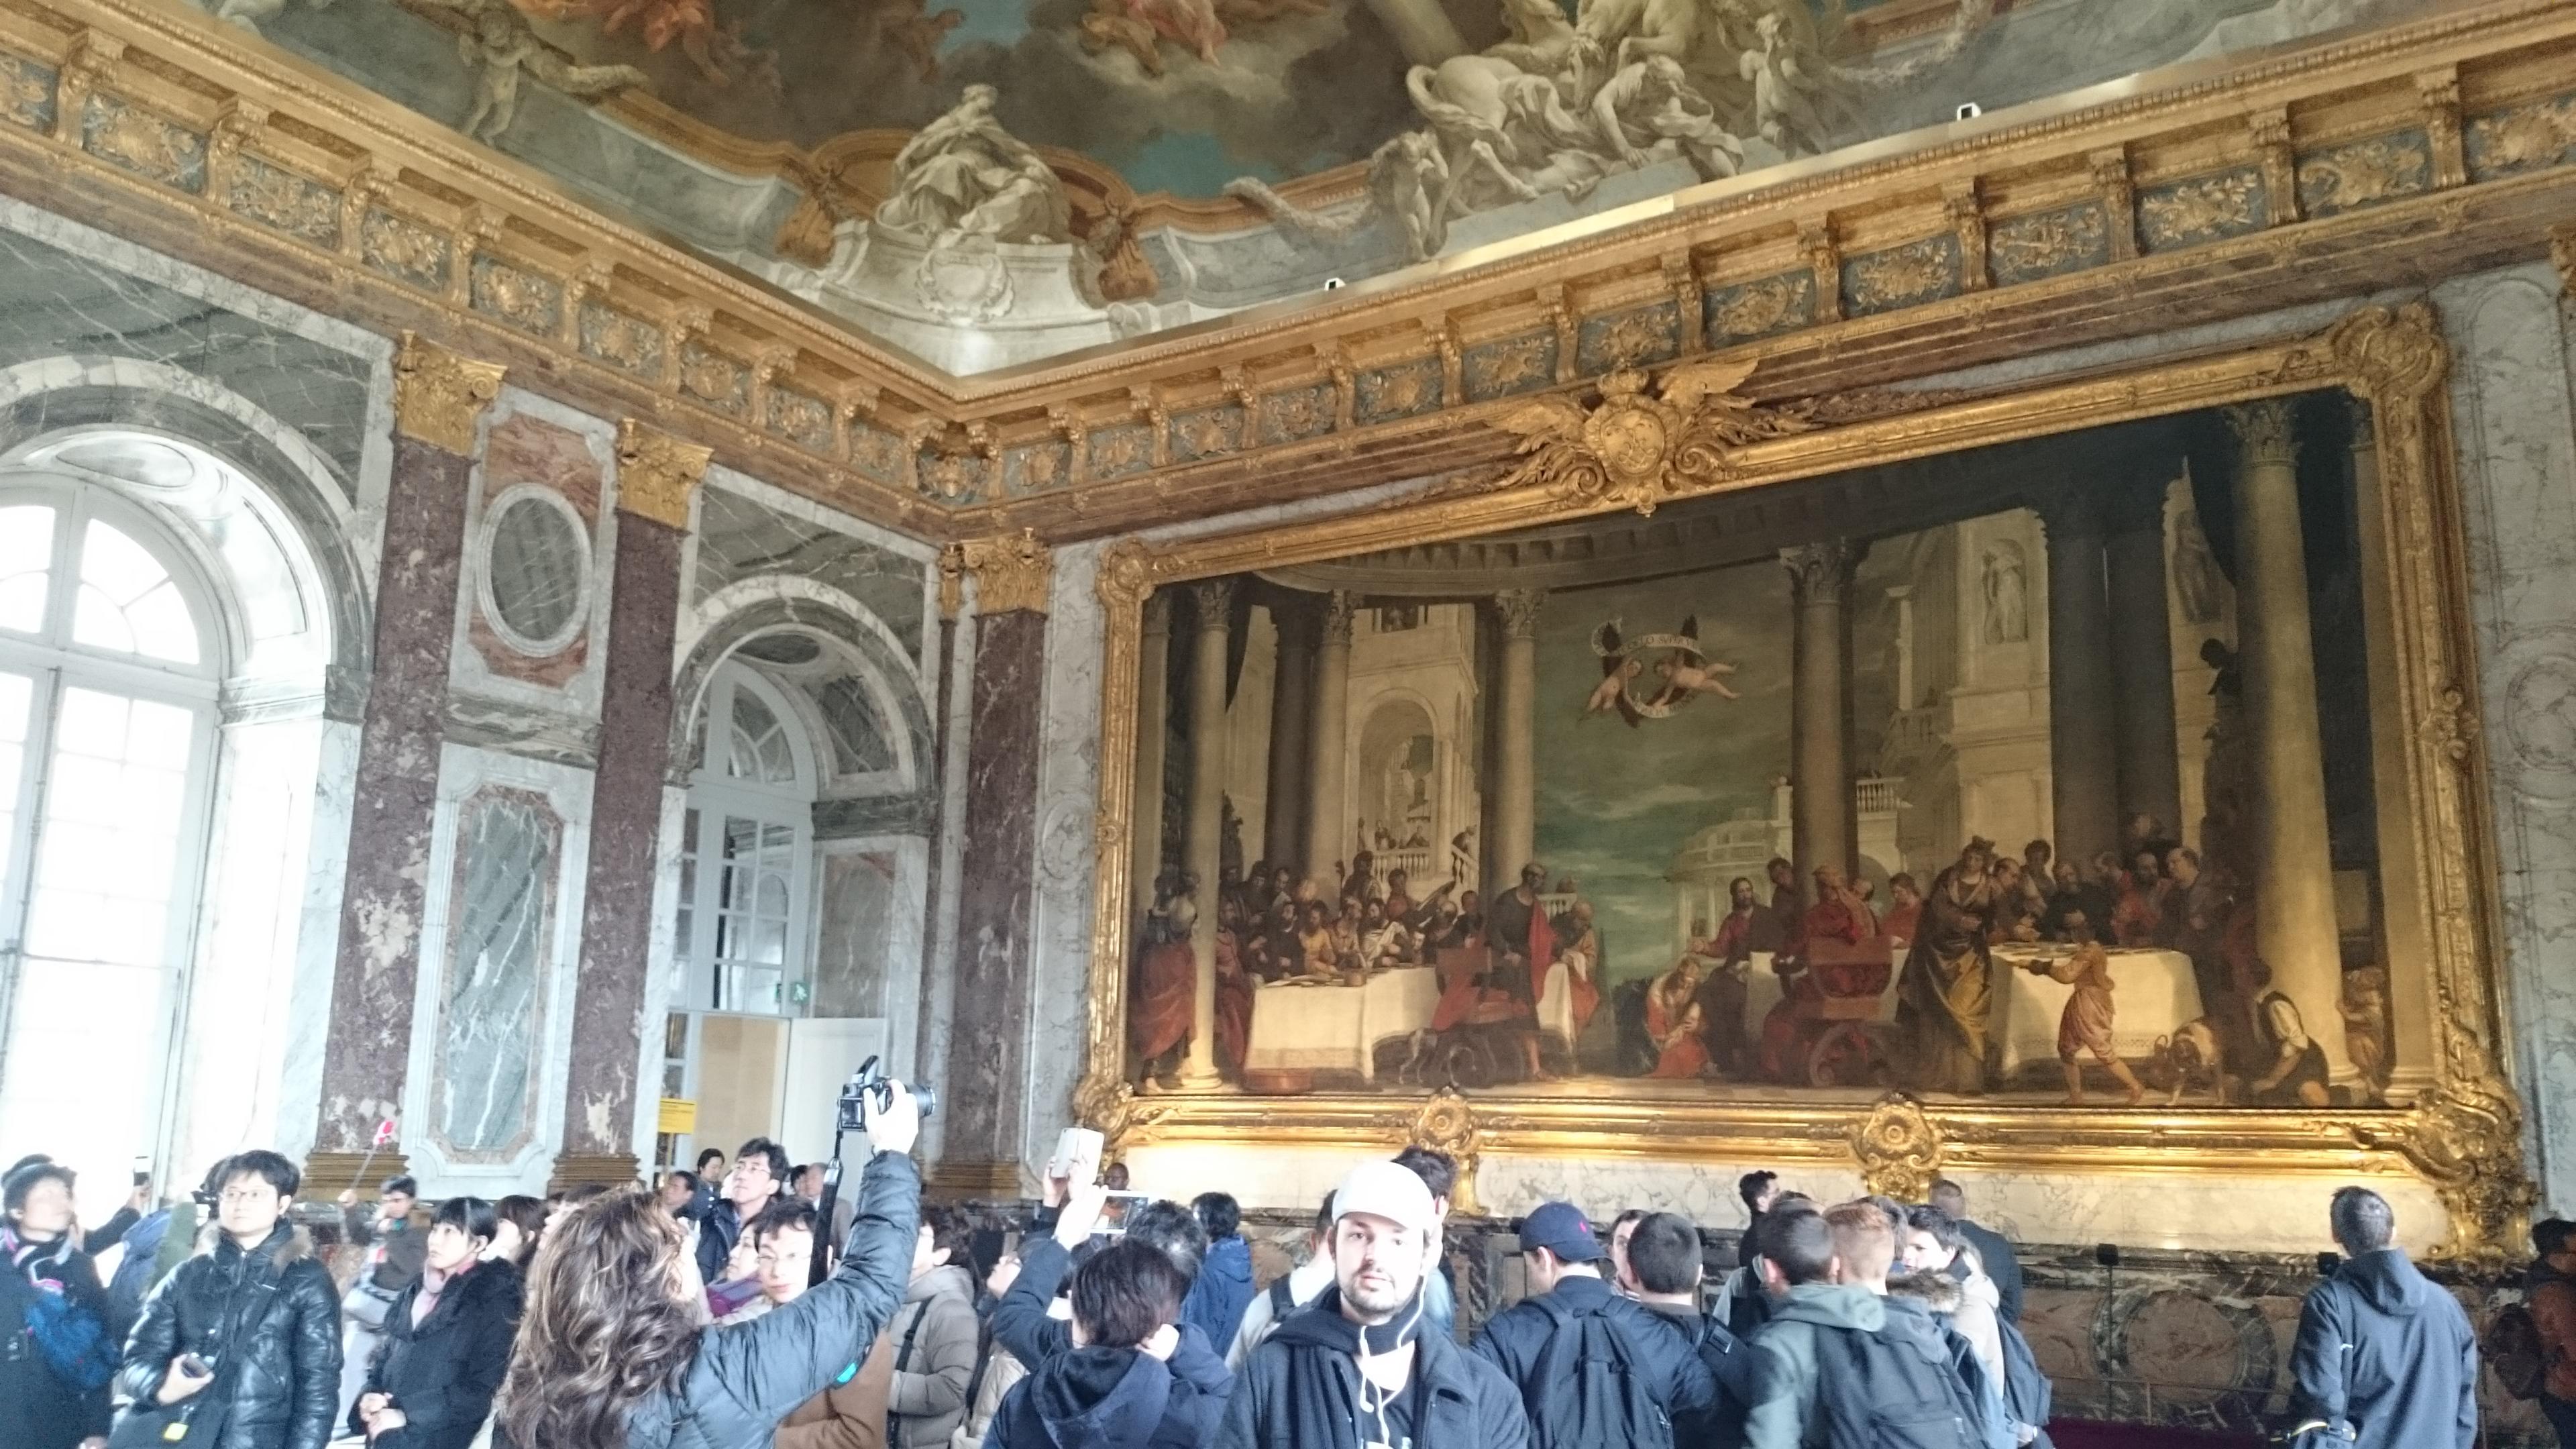 dsc 13321 - Visita al Palacio de Versalles: Como ir, cuanto cuesta y tips III/III